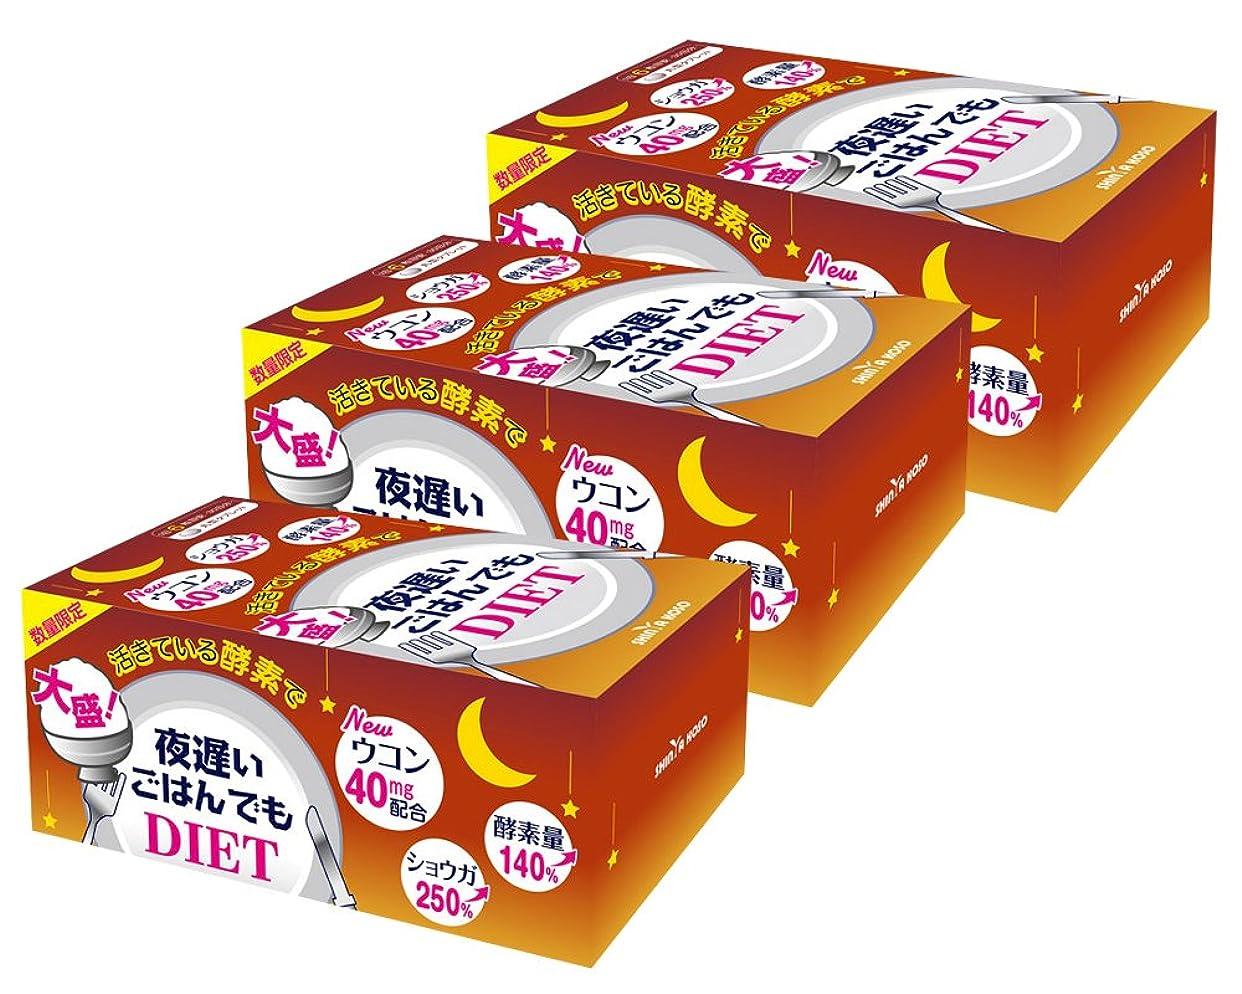 クラッチバランスメイエラ新谷酵素 夜遅いごはんでも 大盛 180粒 3箱セット